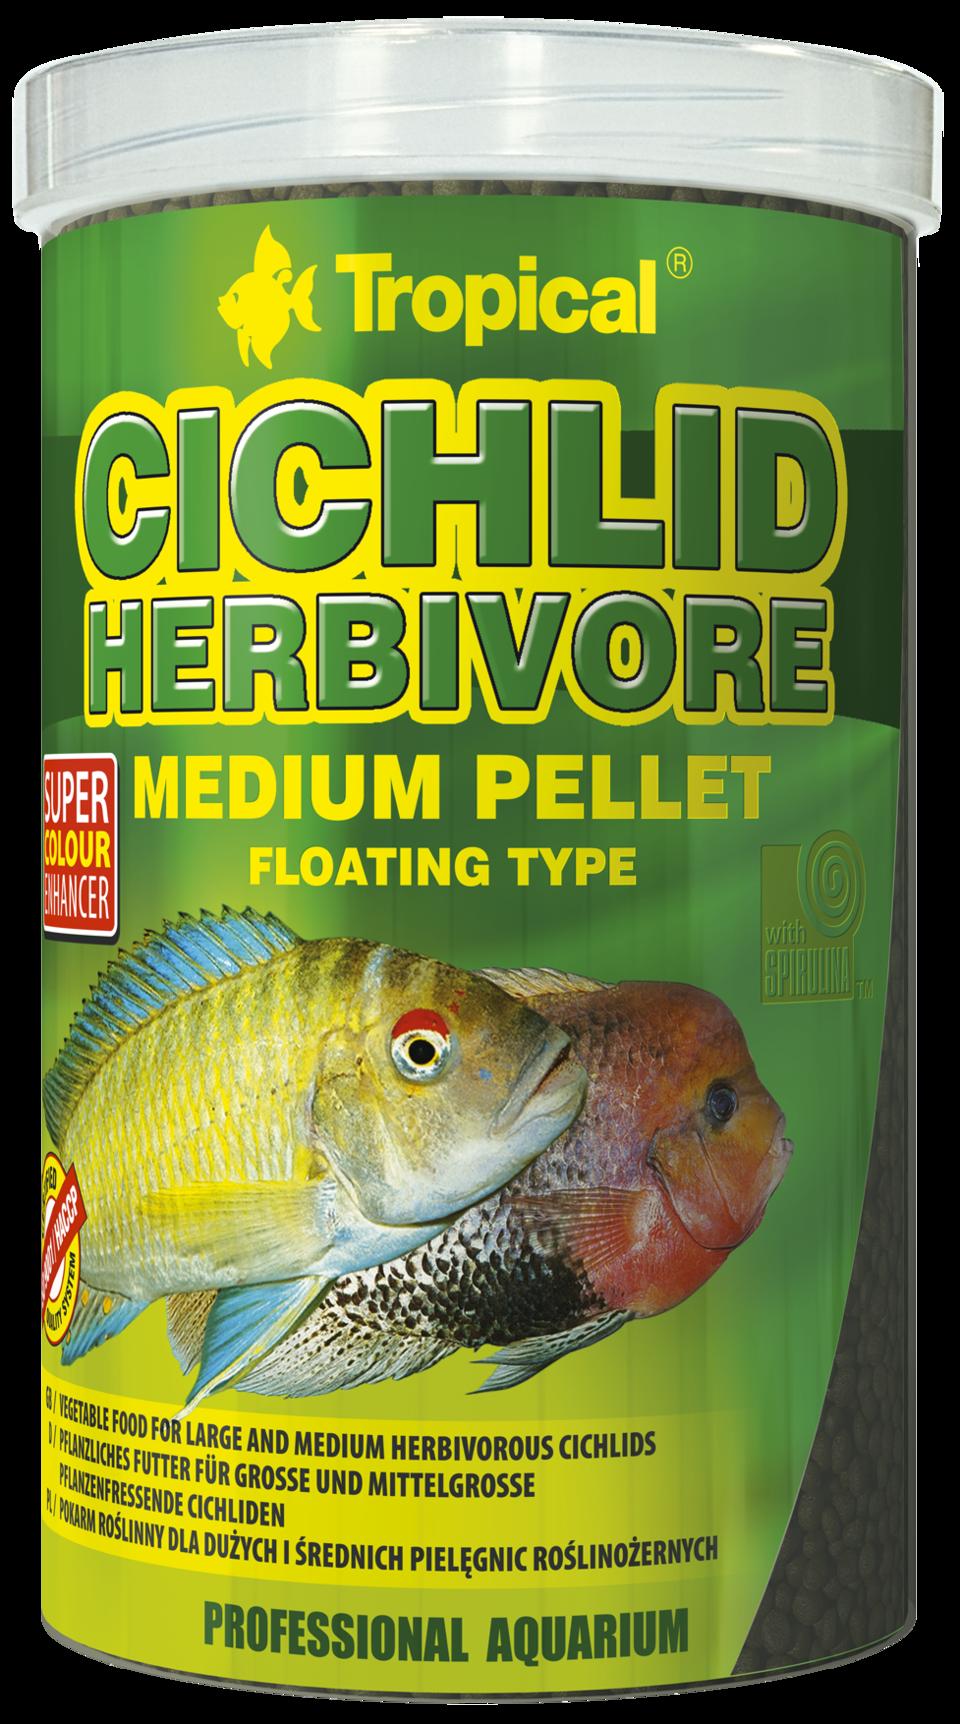 csm_cichlid-herbivore-medium_1000_bc8304ecc0